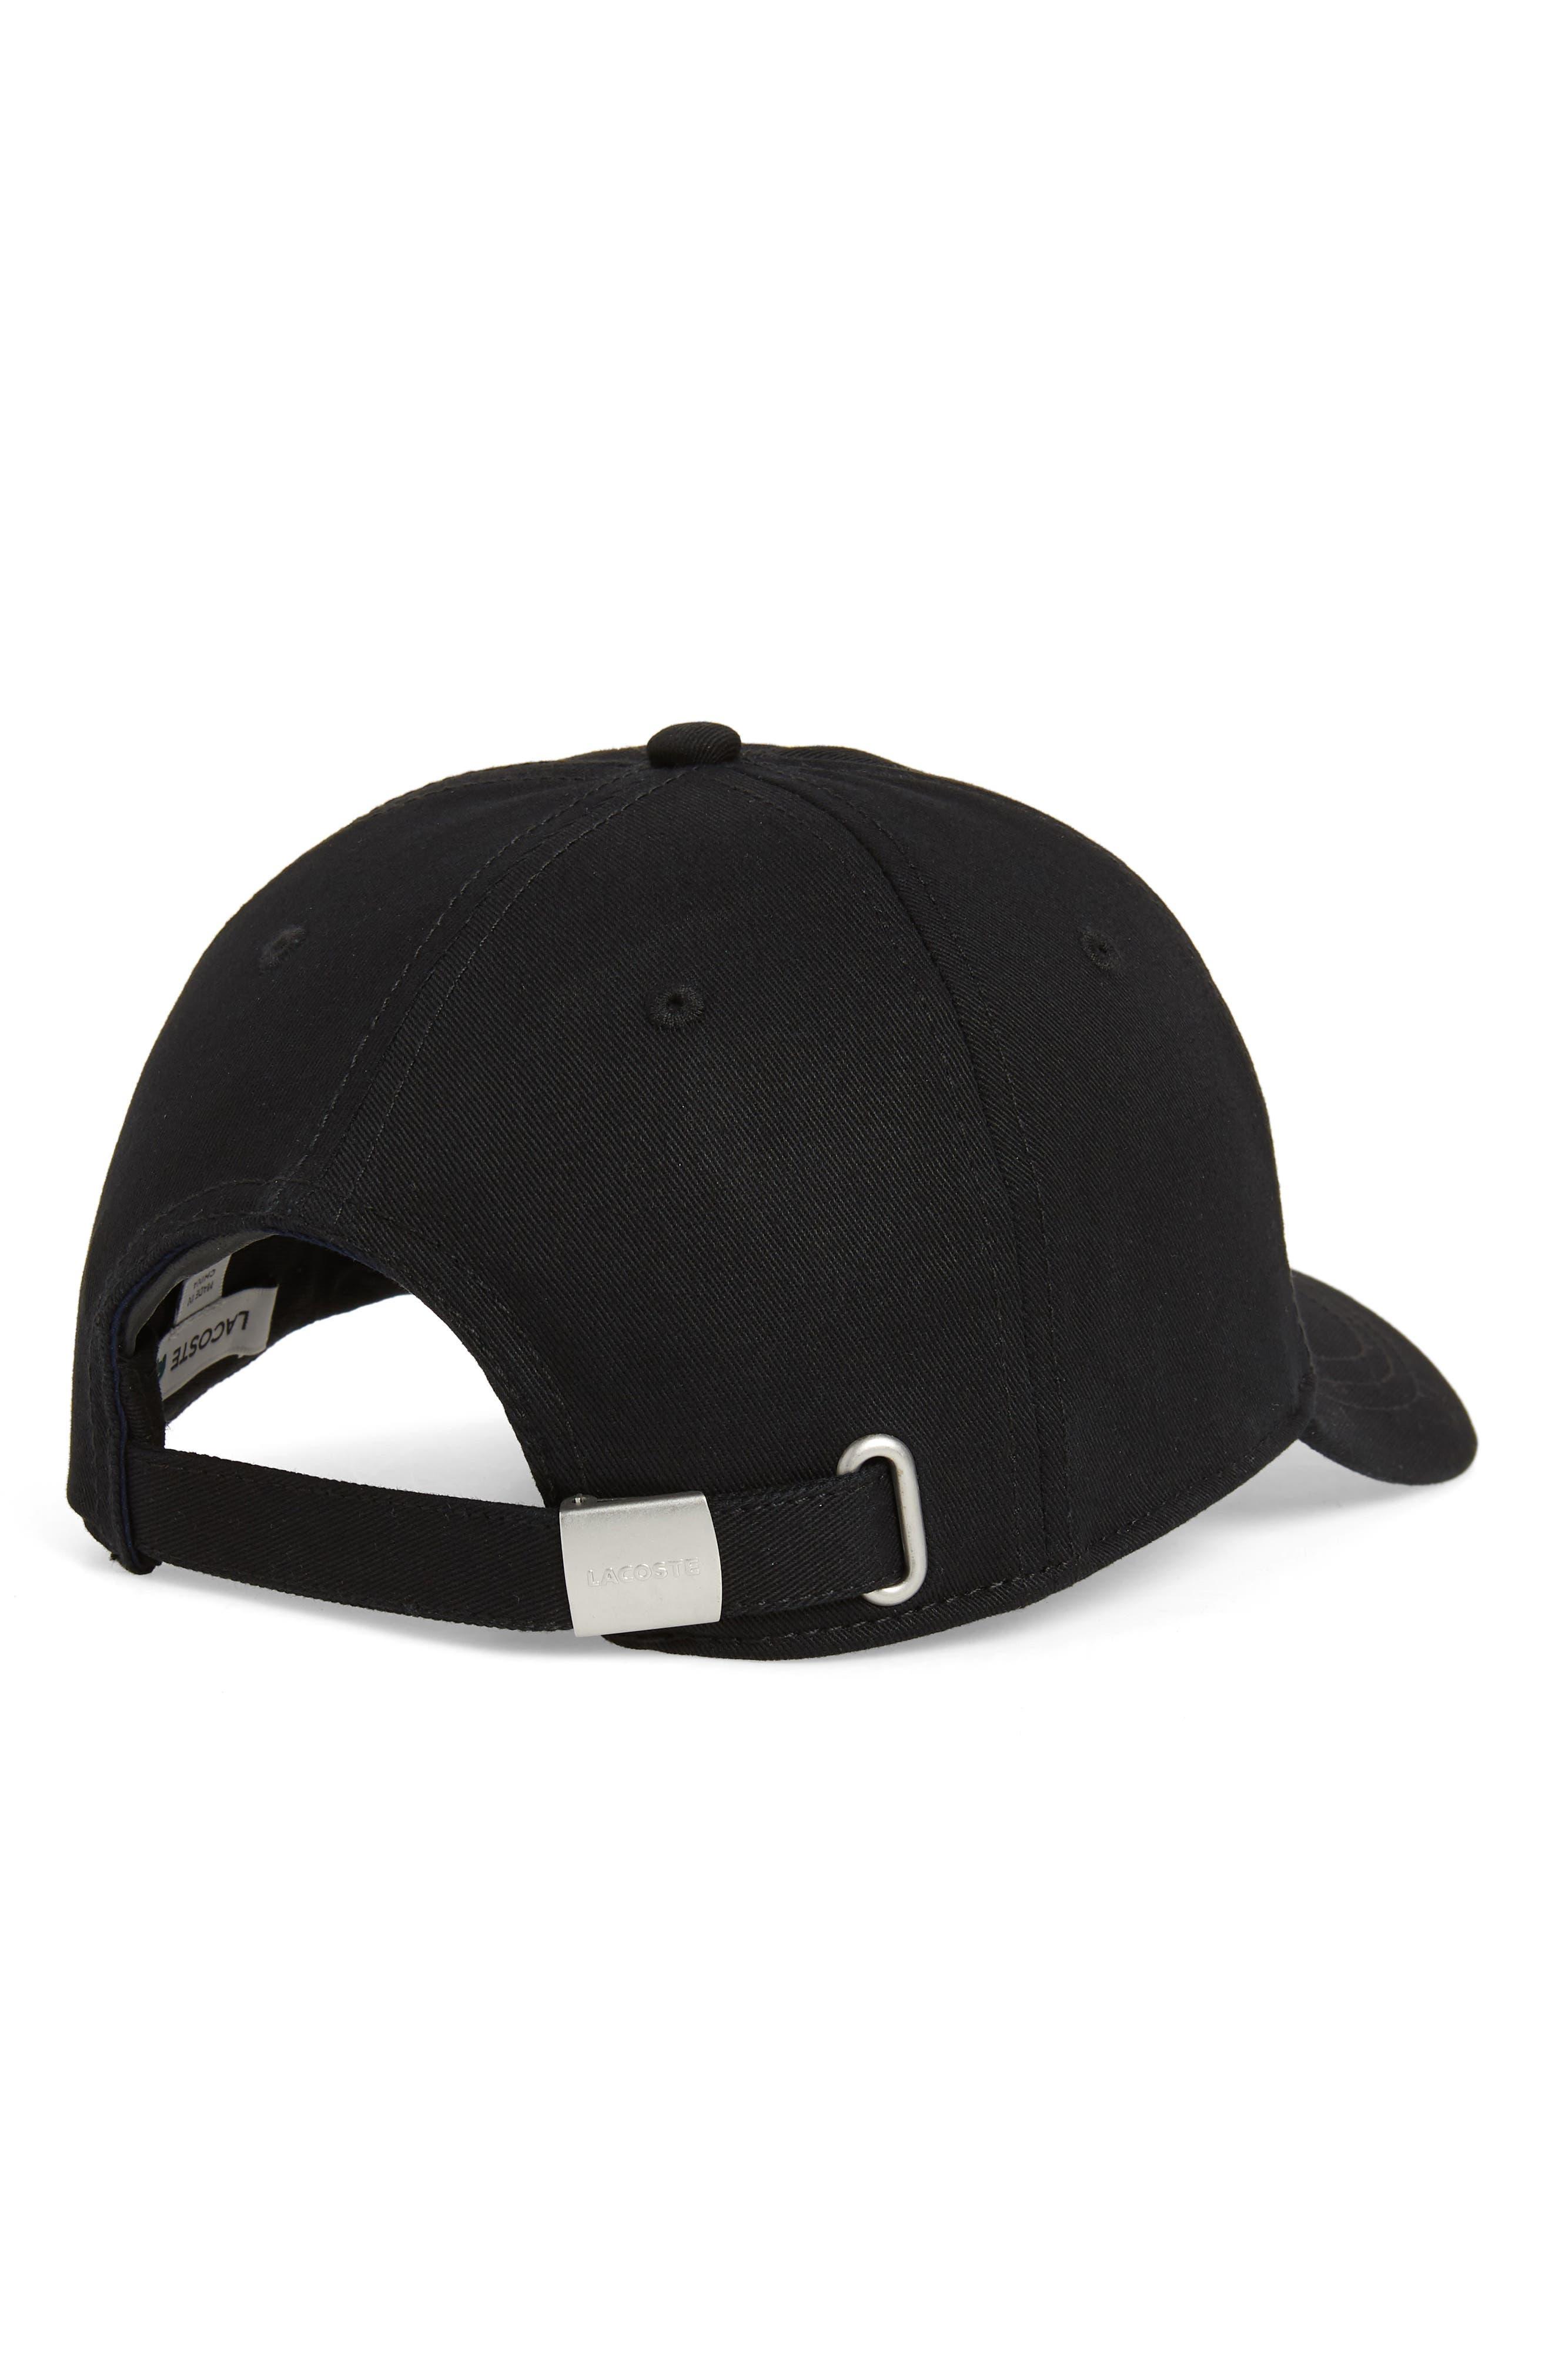 4af818b2e0e1e Men s Lacoste Hats